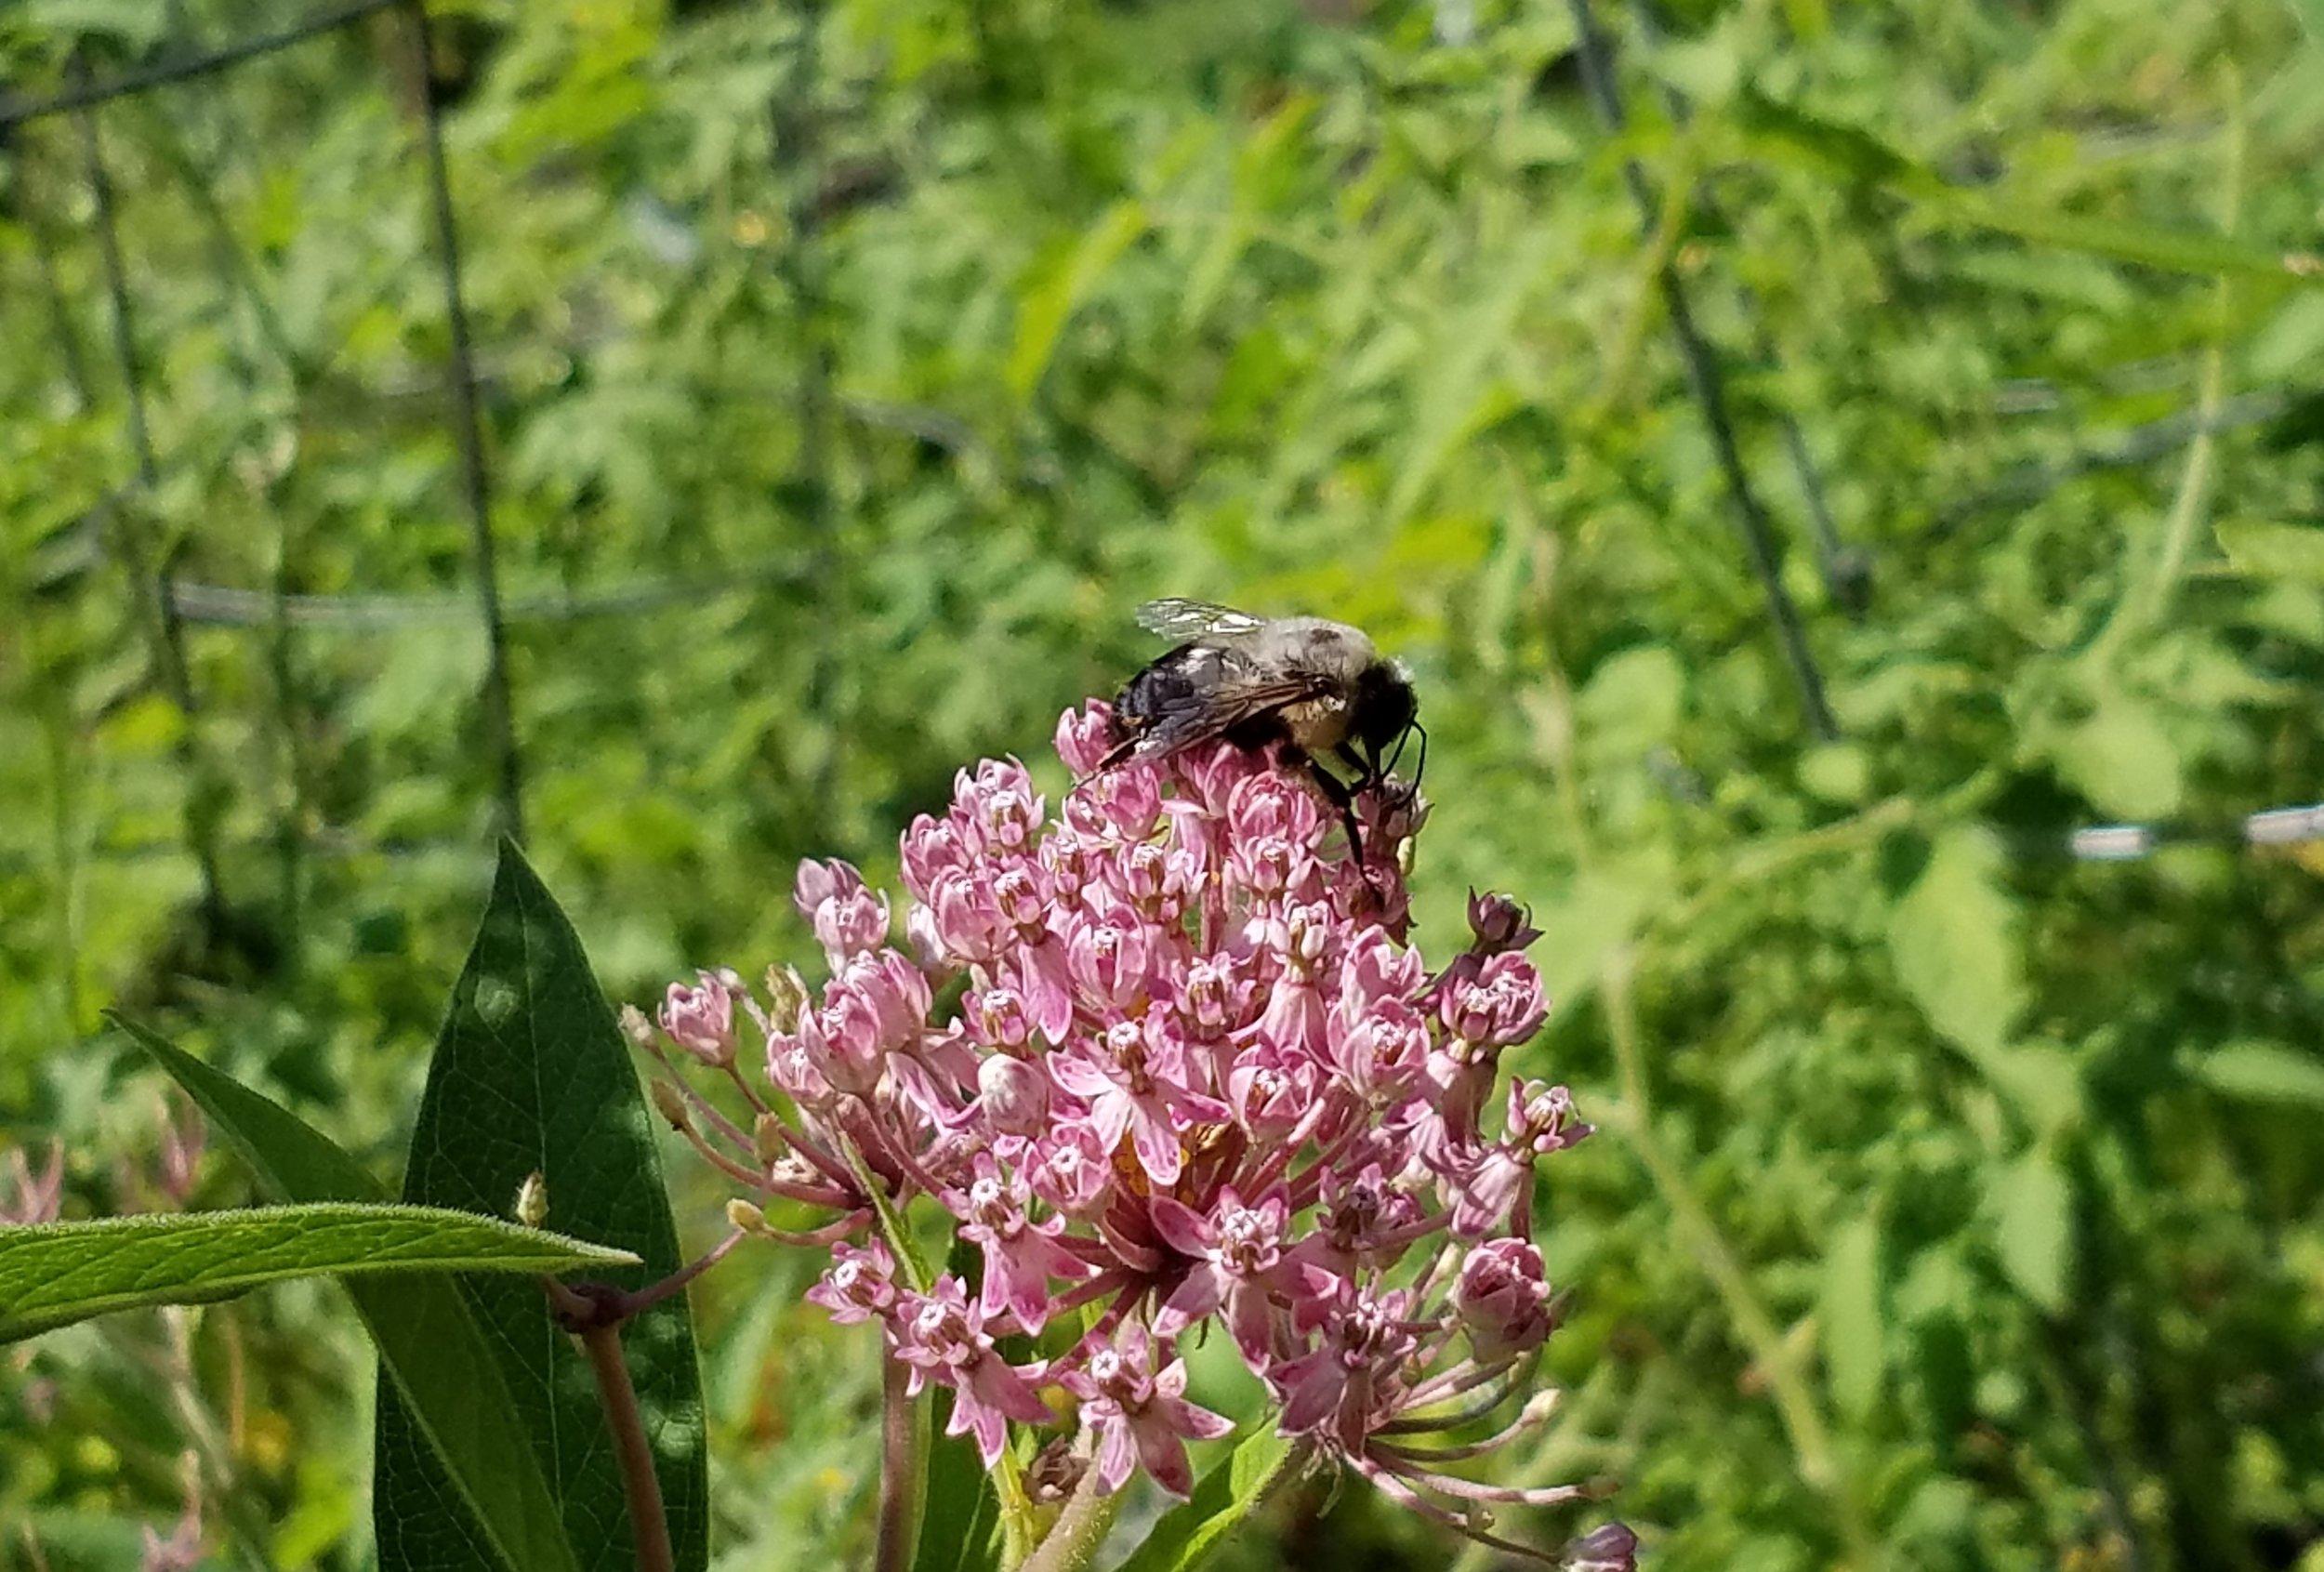 20180809_Bees love Milkweed too.jpg